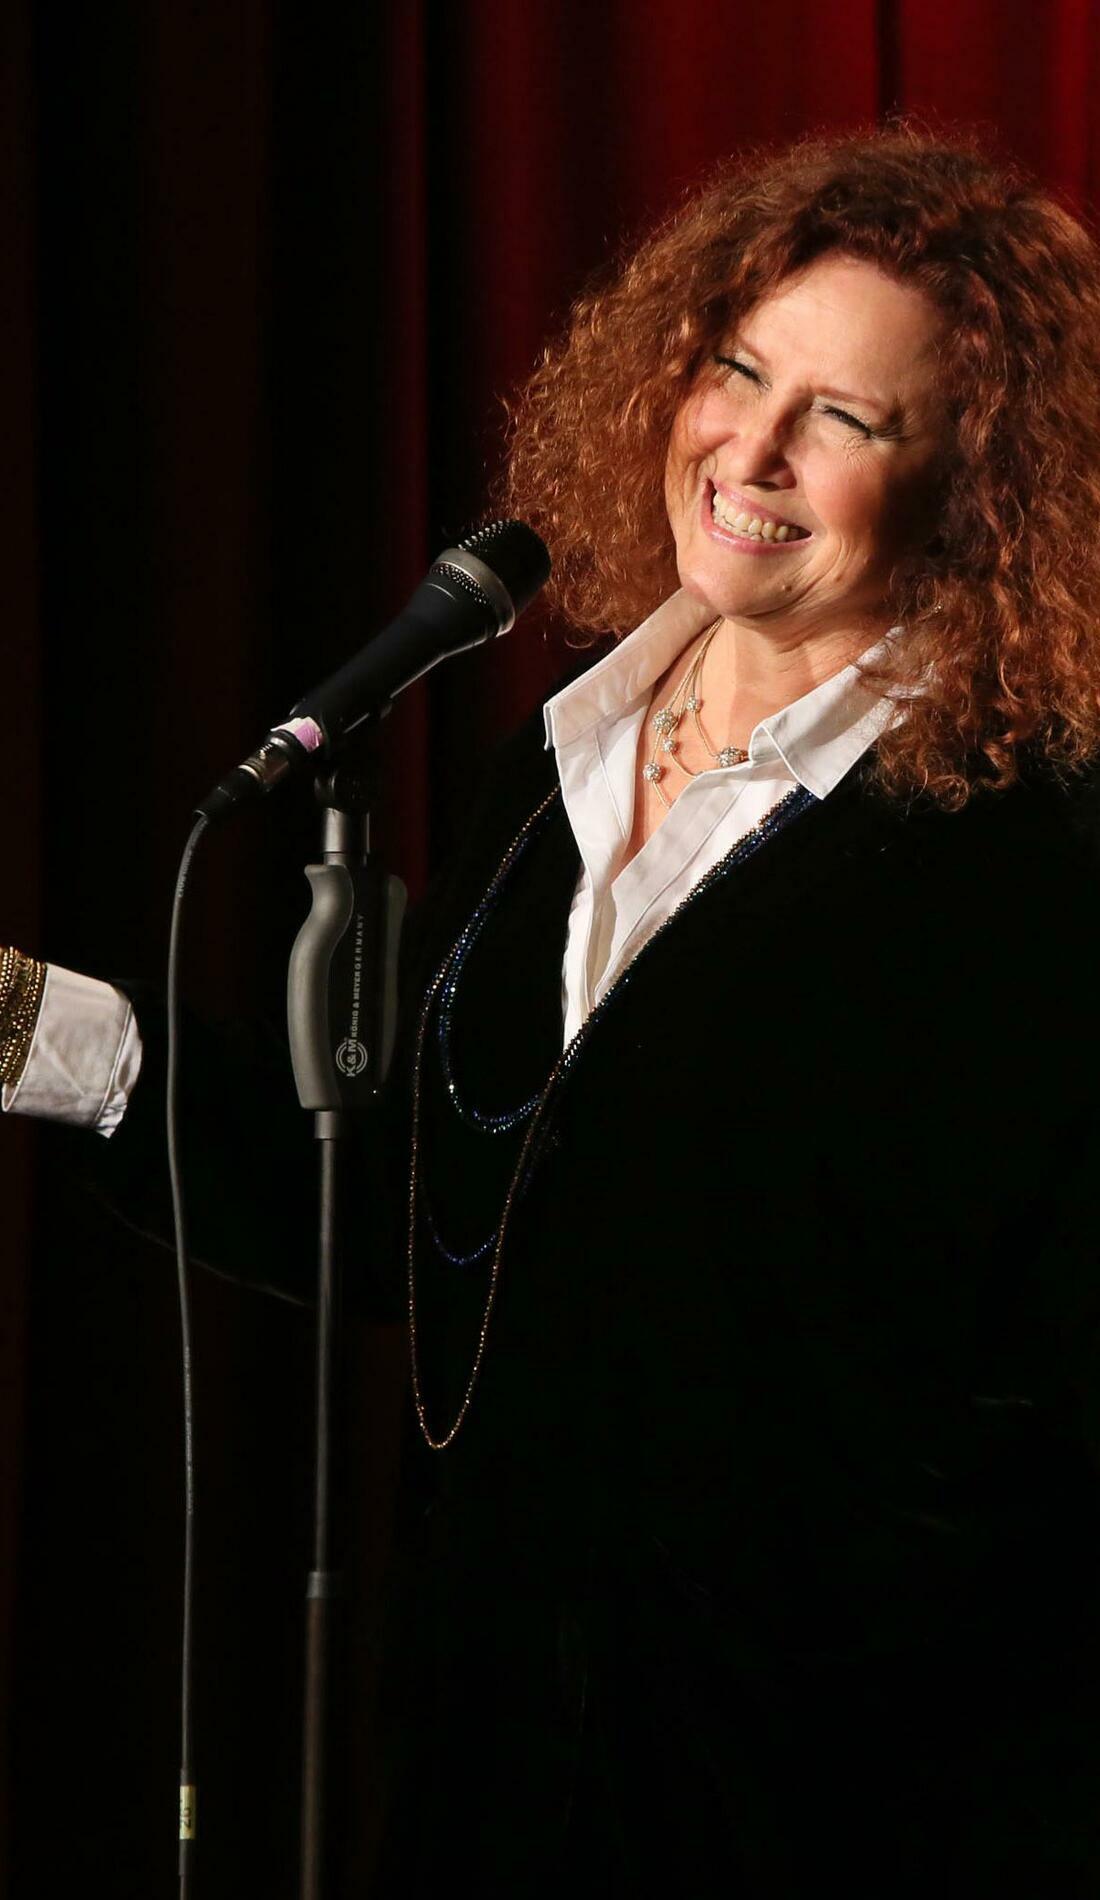 A Melissa Manchester live event